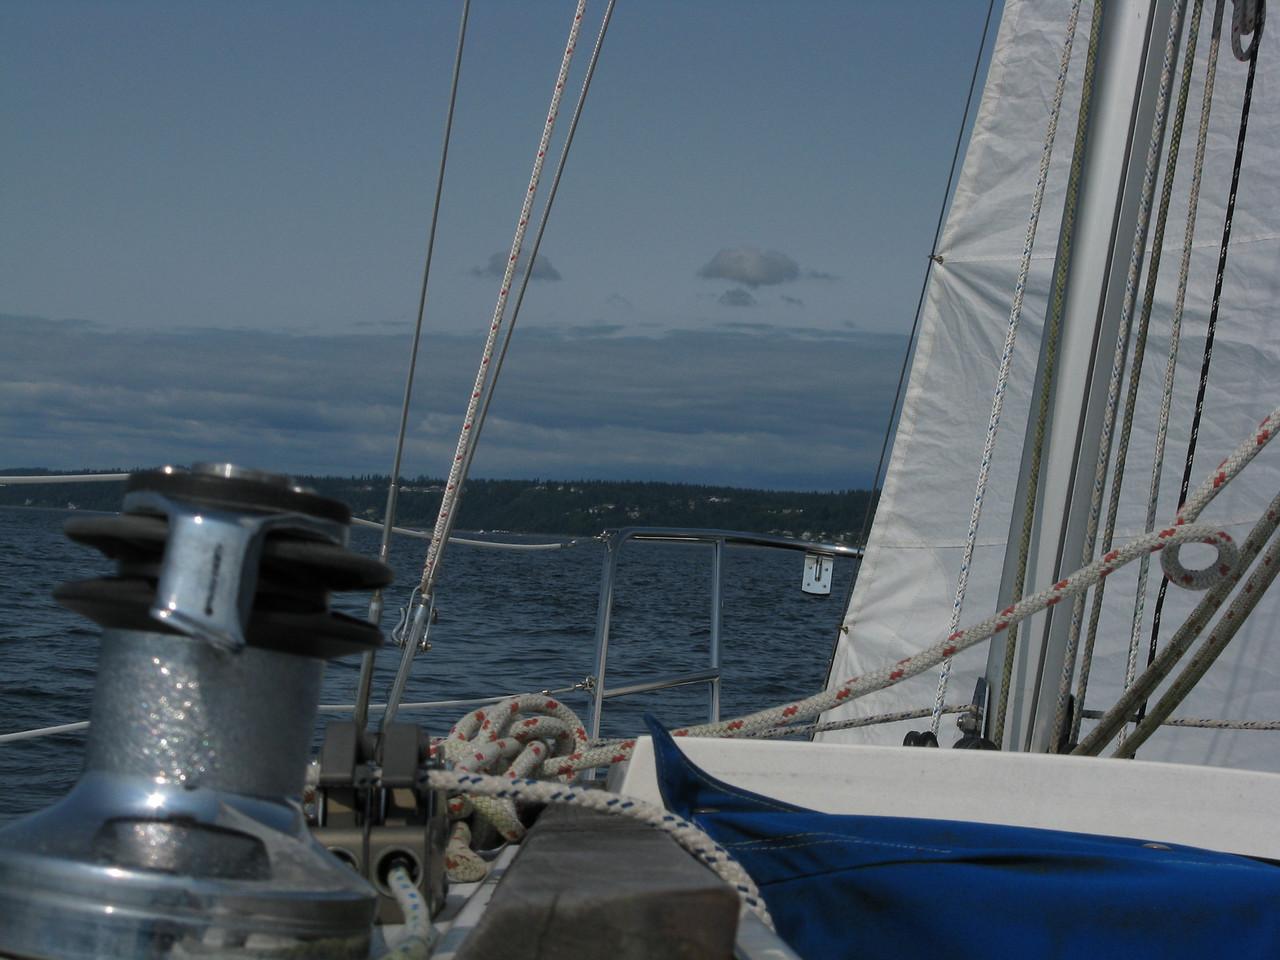 08 07 06 Sail 001